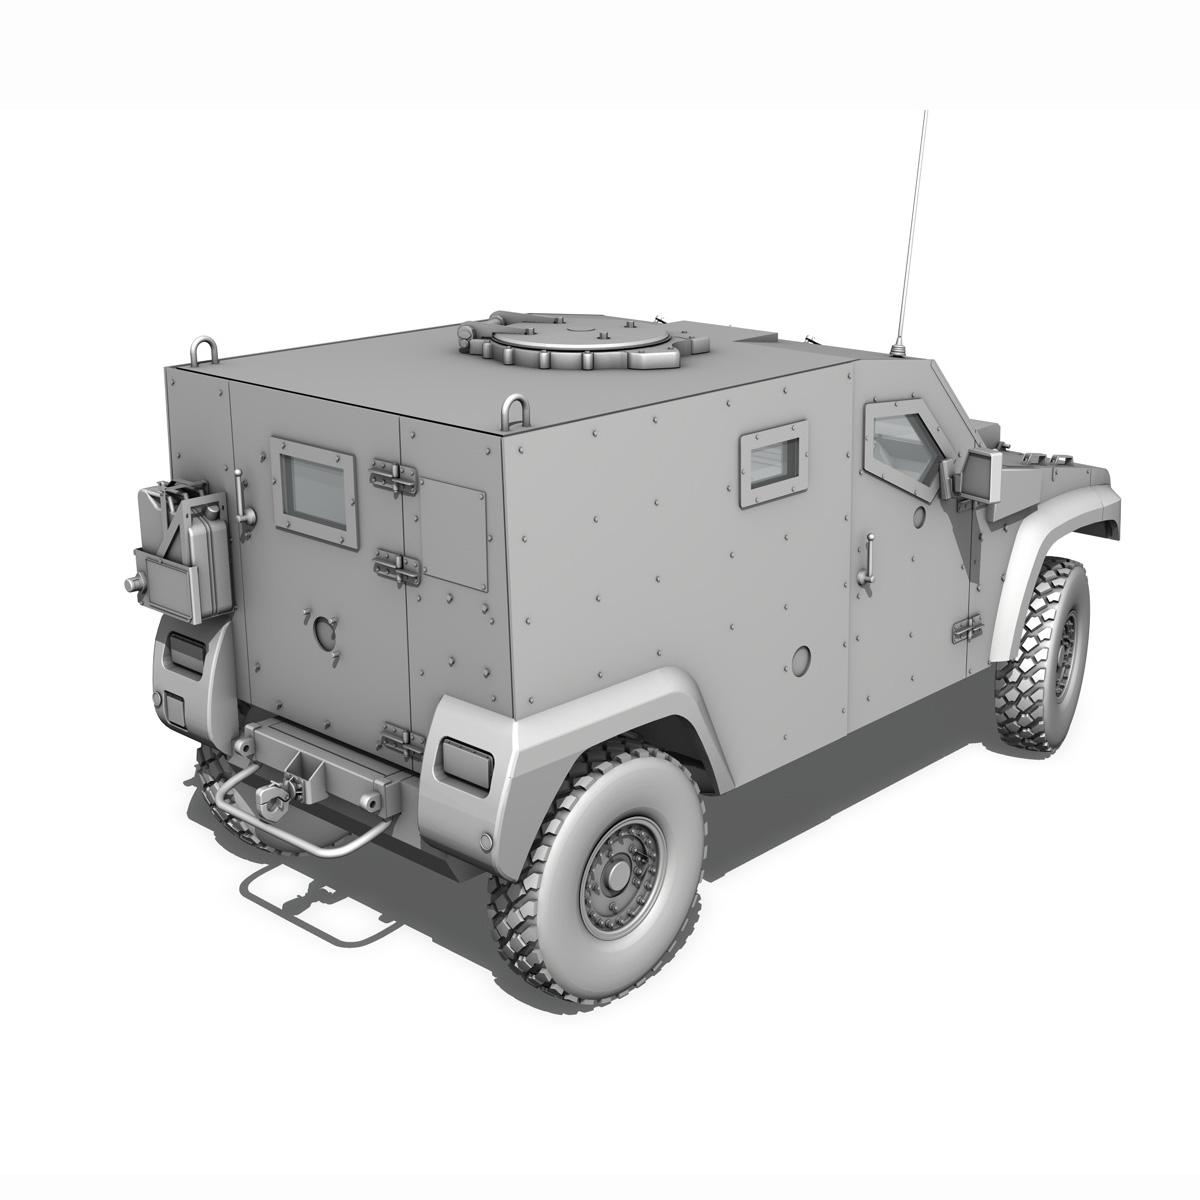 auverland panhard pvp – petit vehicule protege 3d model 3ds fbx c4d lwo obj 190128